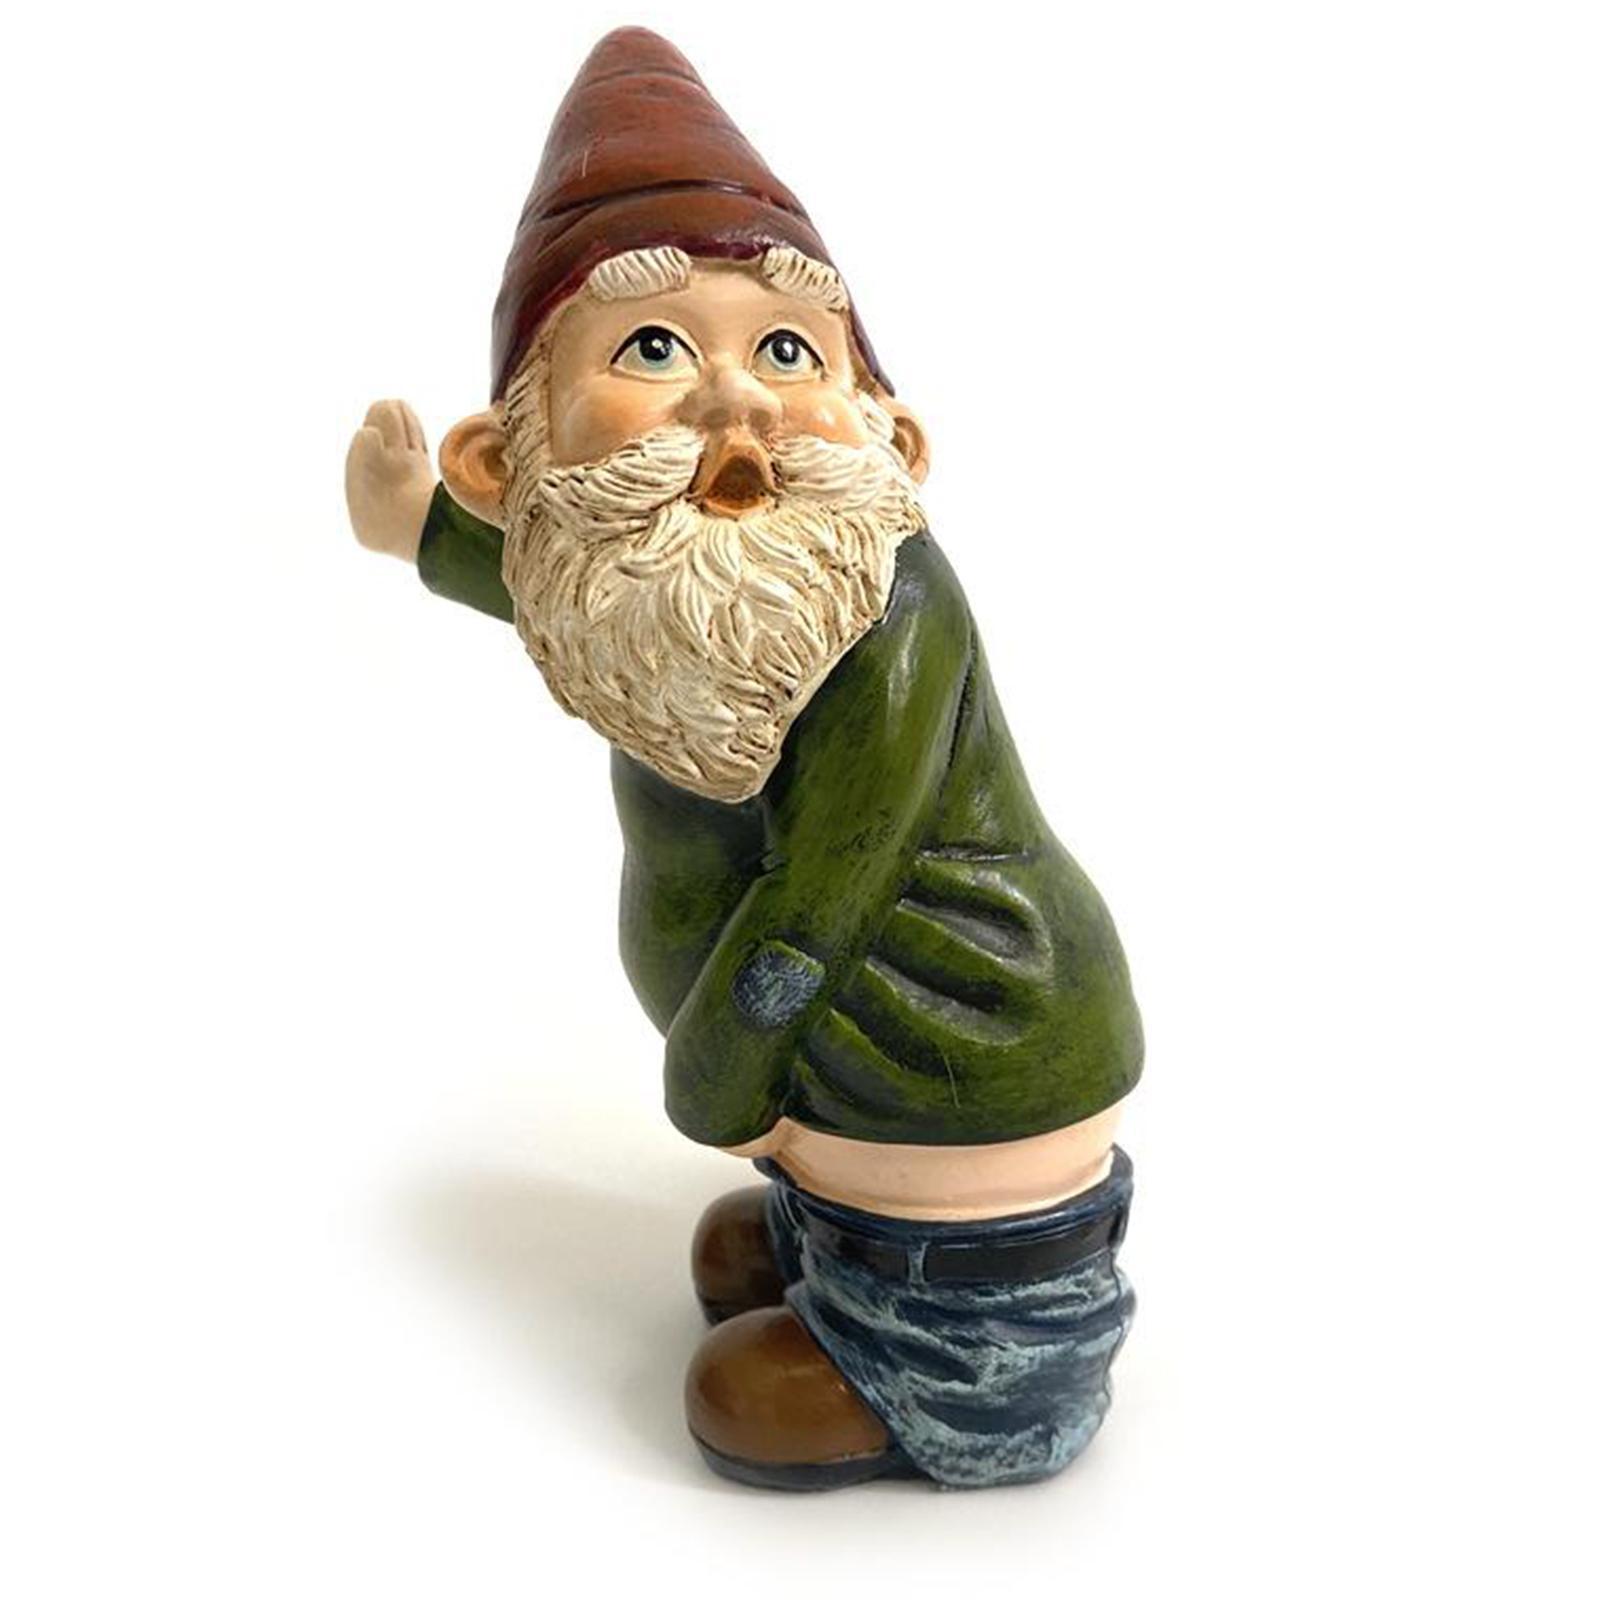 thumbnail 4 - Garden Gnome Polyresin Garden Sculpture Outdoor/Indoor Decor Funny Lawn Figurine